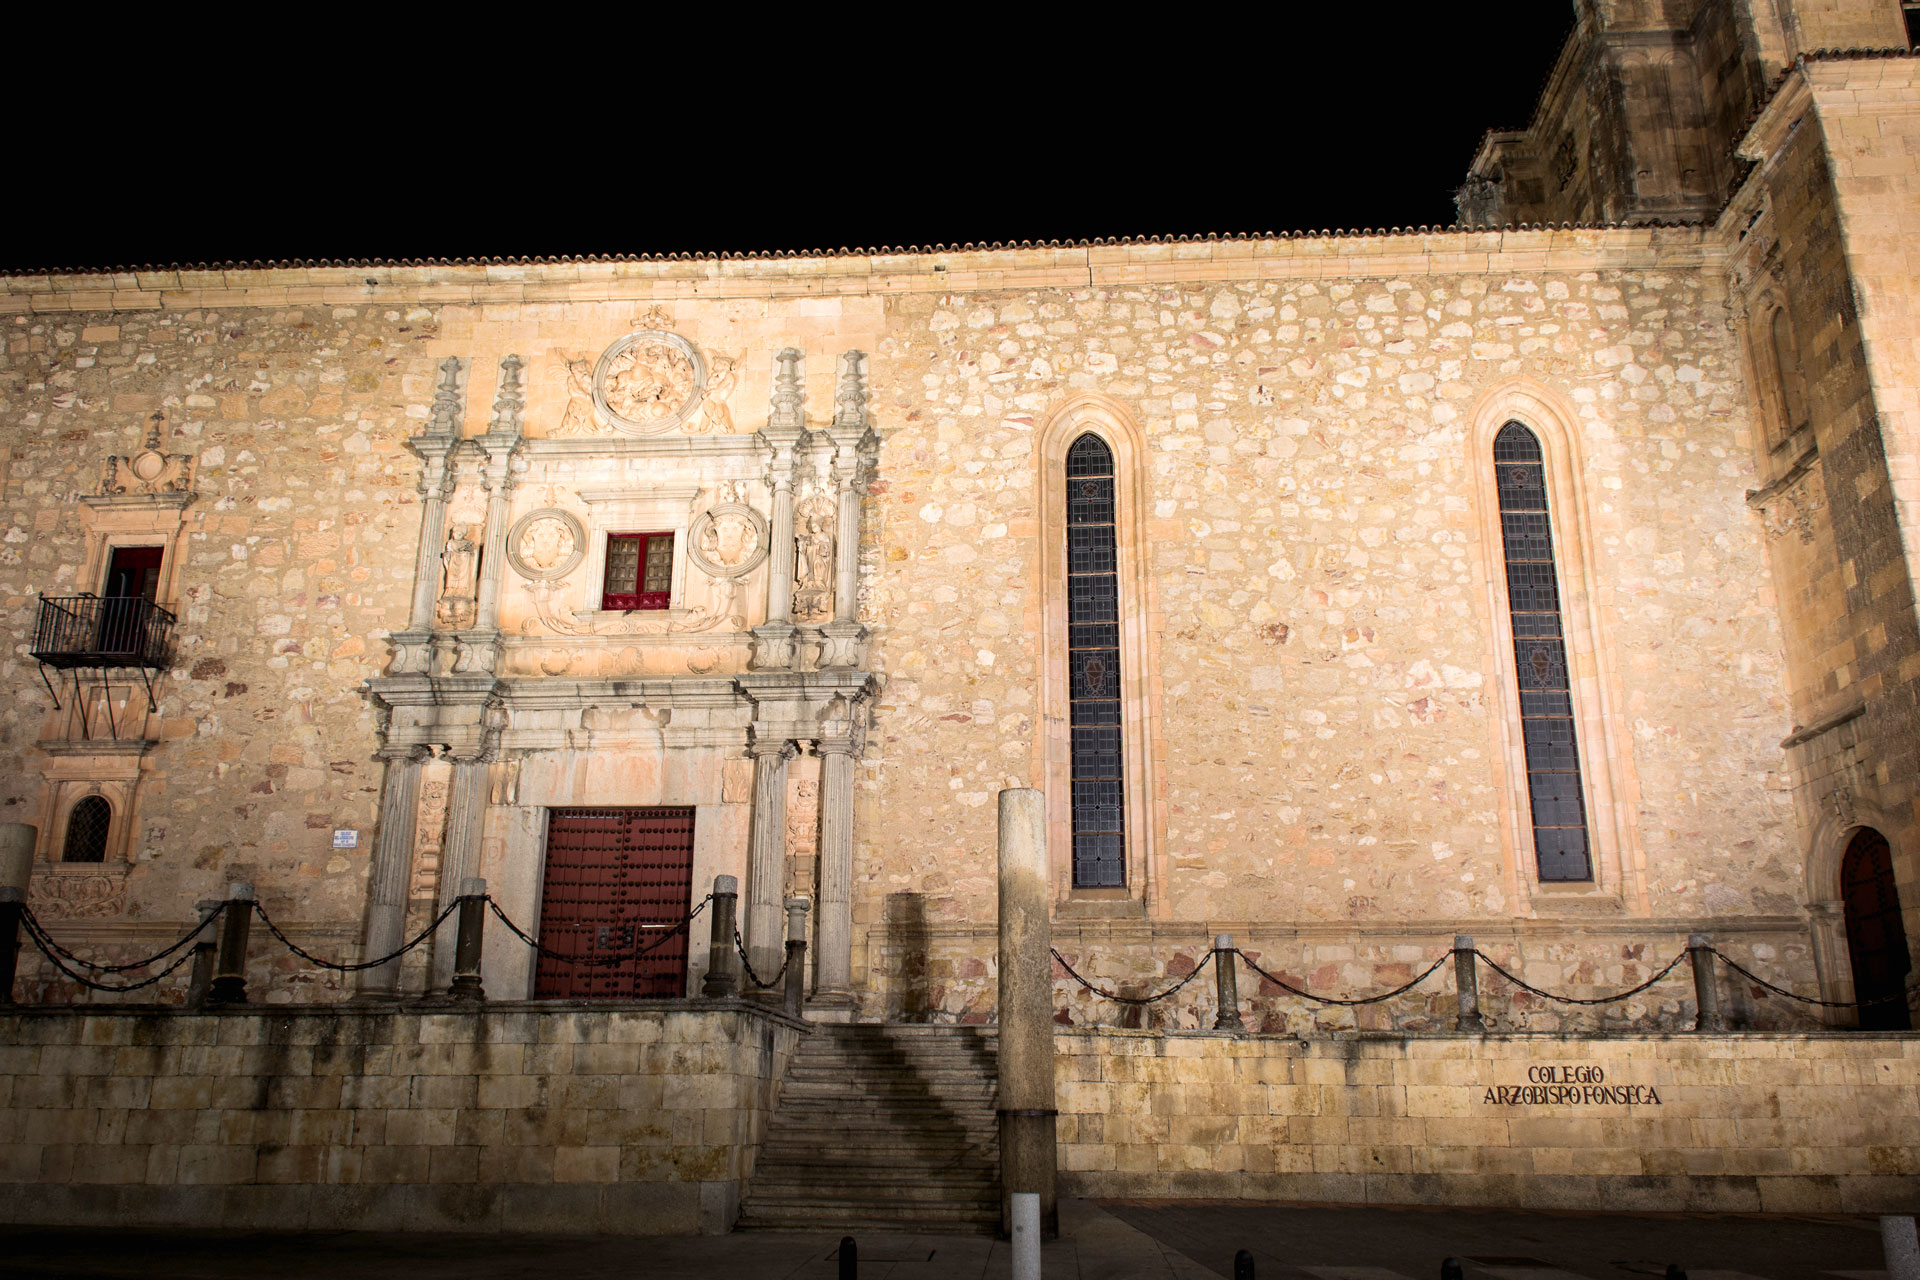 Fachada Colegio Arzobispo Fonseca